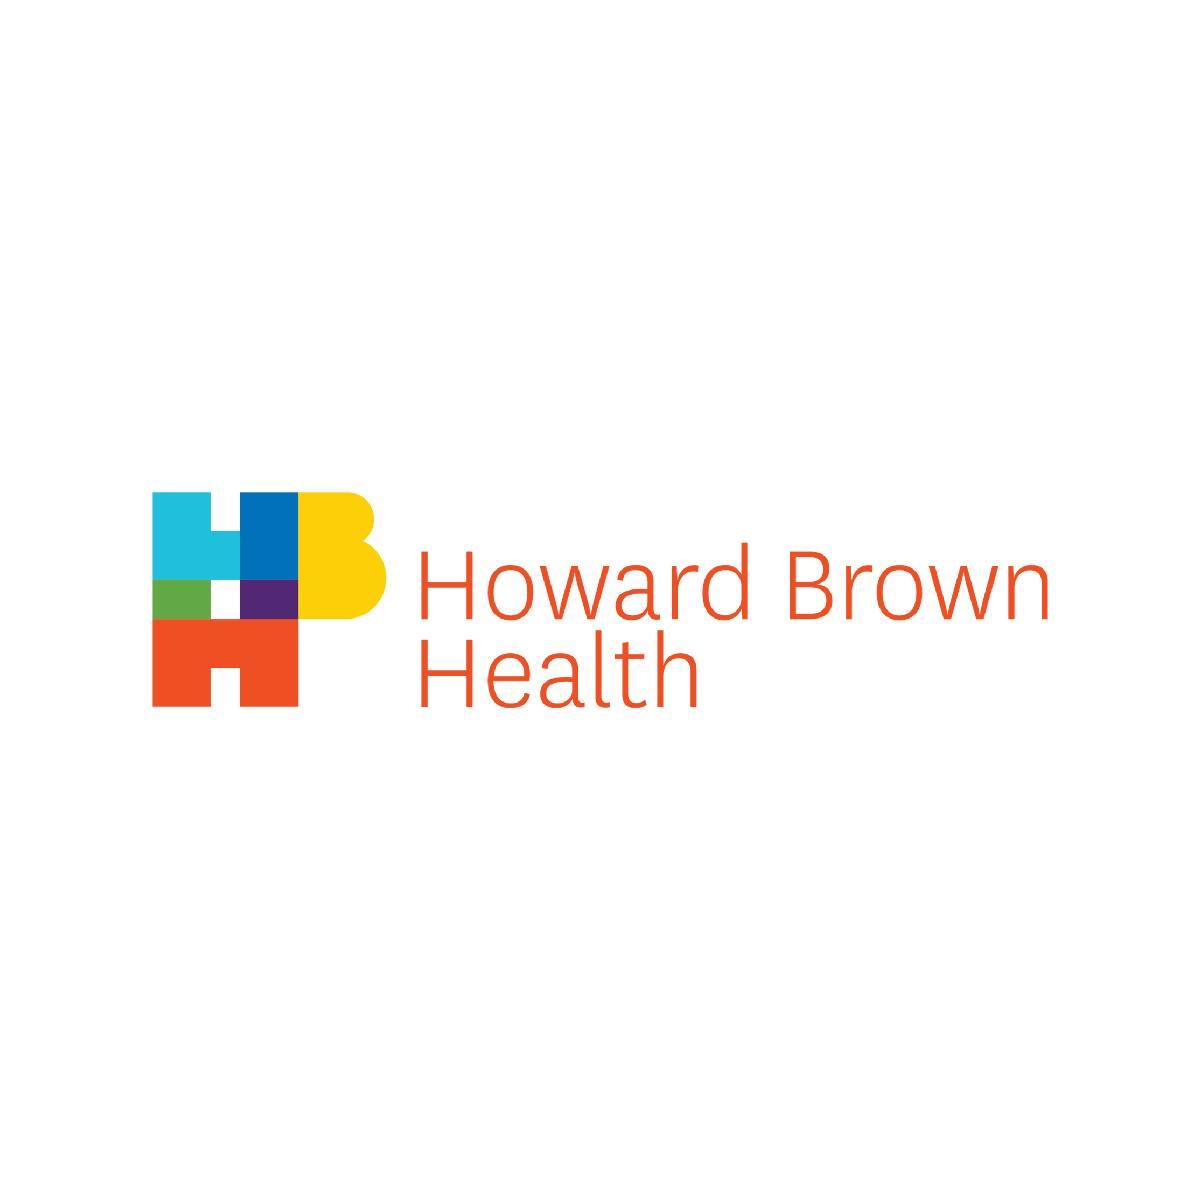 Howard Brown Health image